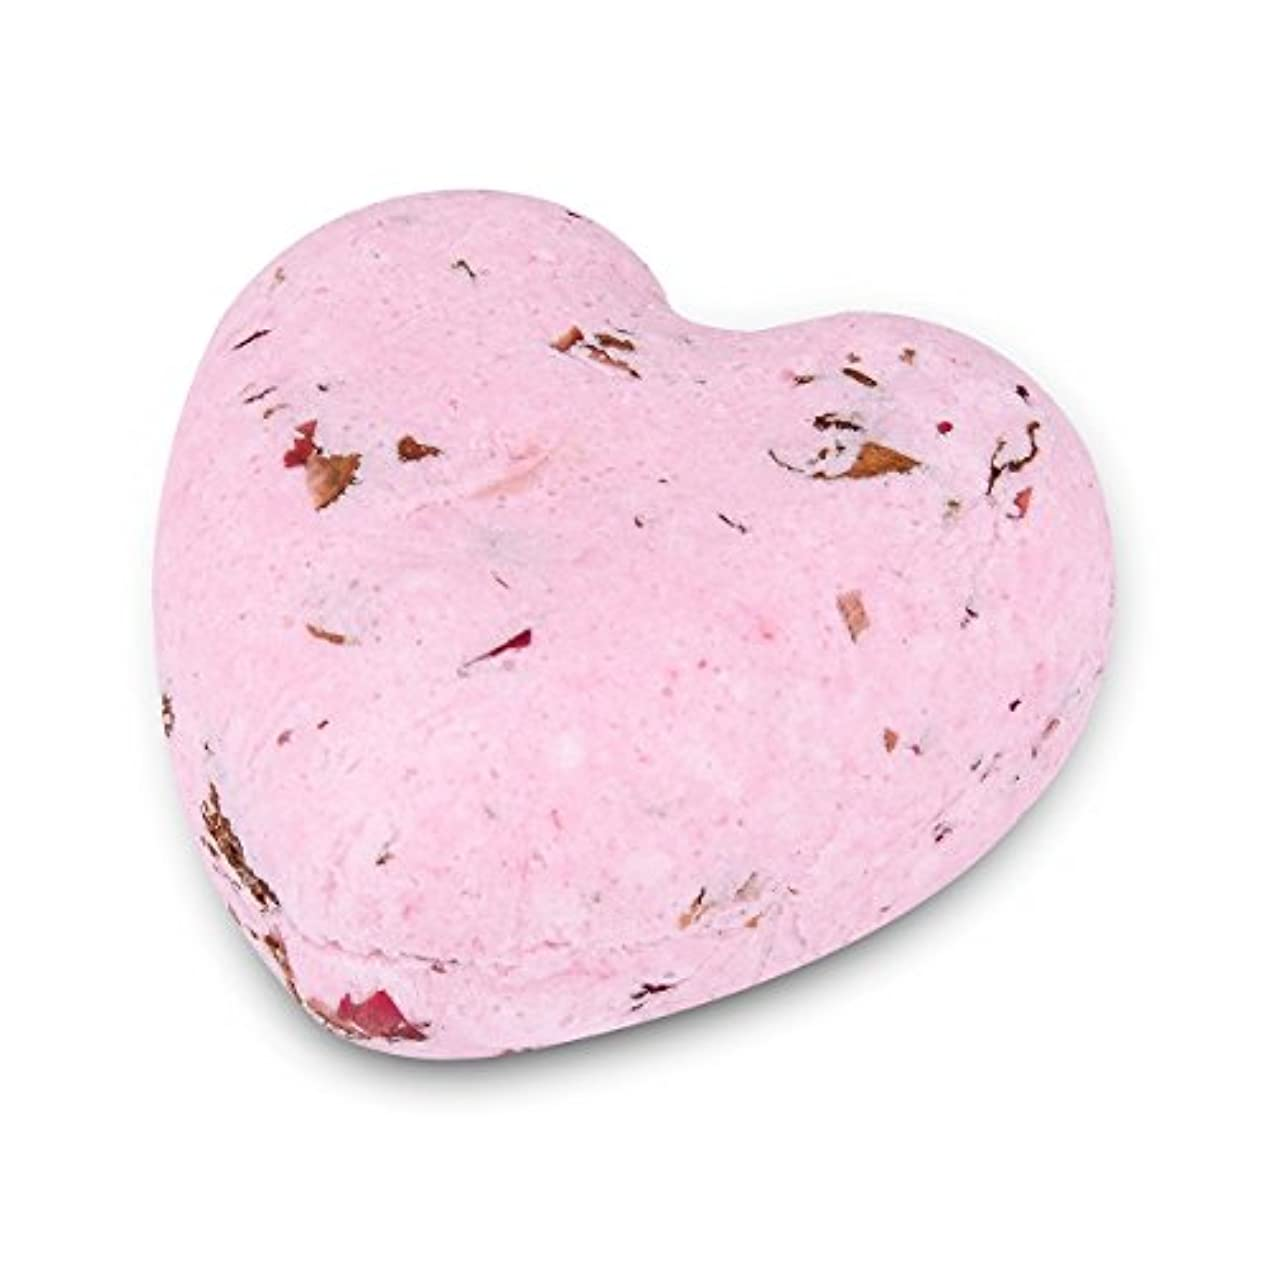 報奨金実装するキラウエア山HOUSWEETY ローズの香り ハート型 バスボム 炭酸入浴剤 入浴料 海塩 アロマオイル バスボール 1個入り